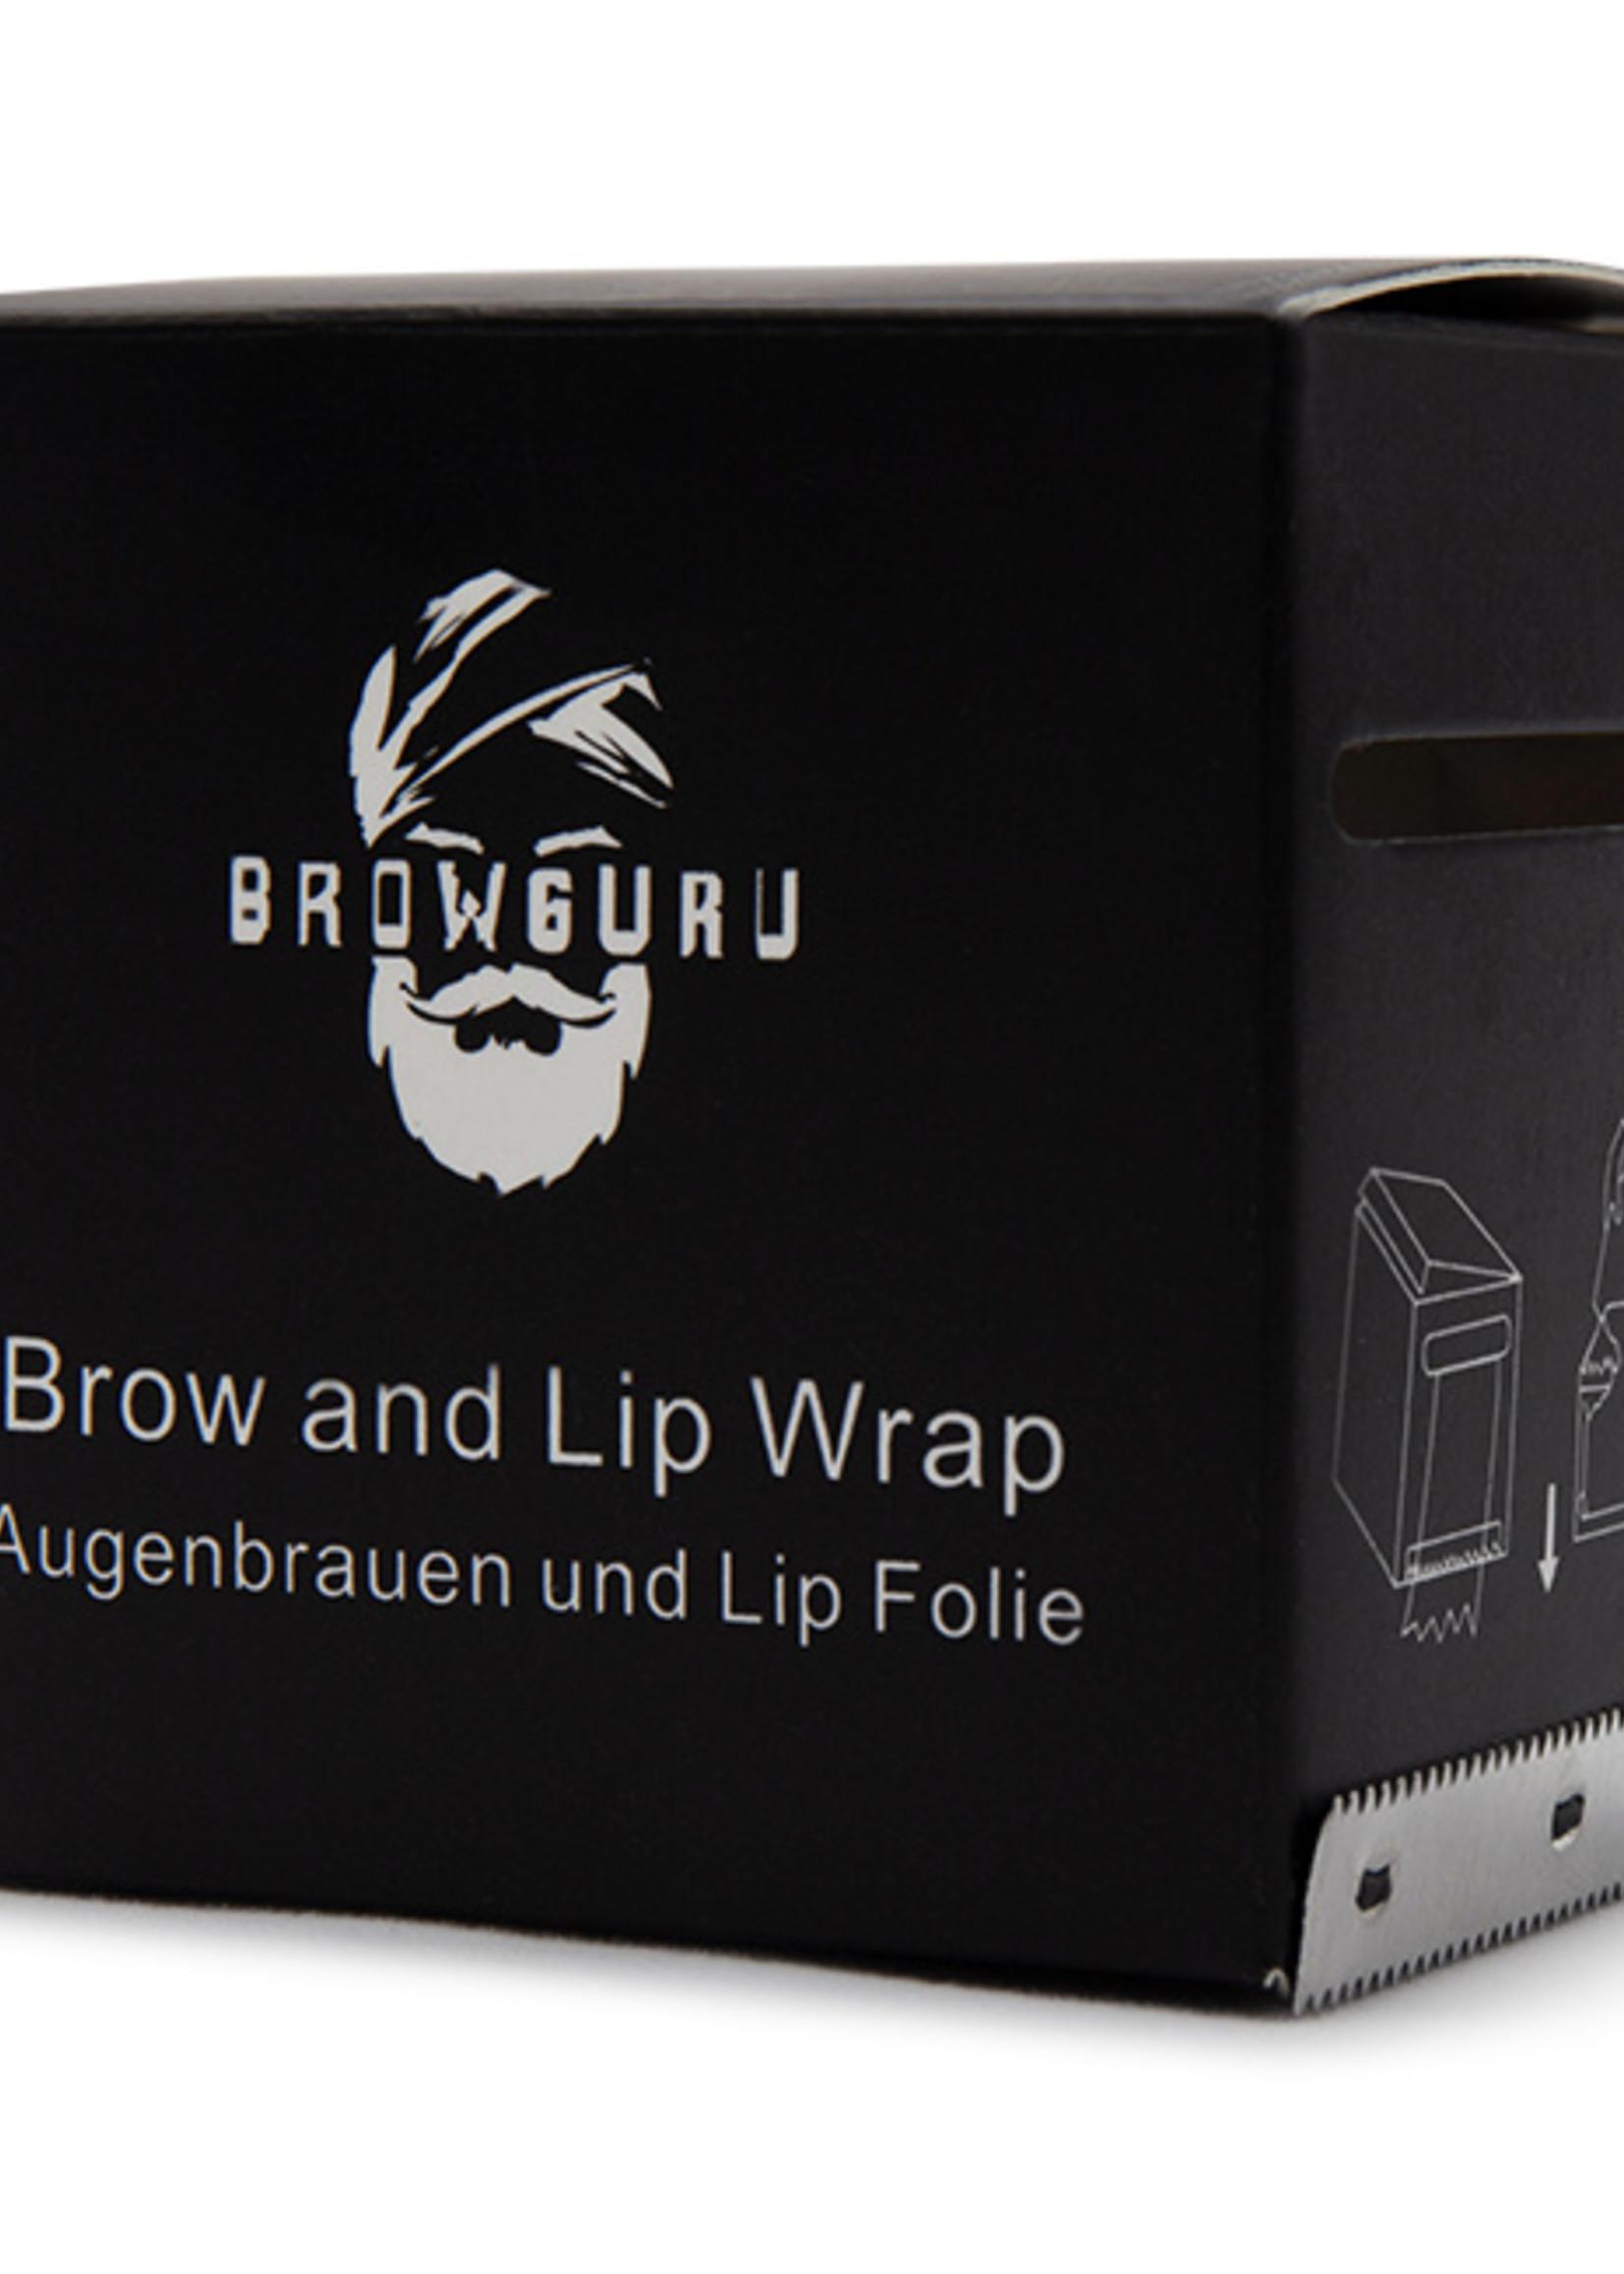 Browguru® Augenbrauen und Lip Folie